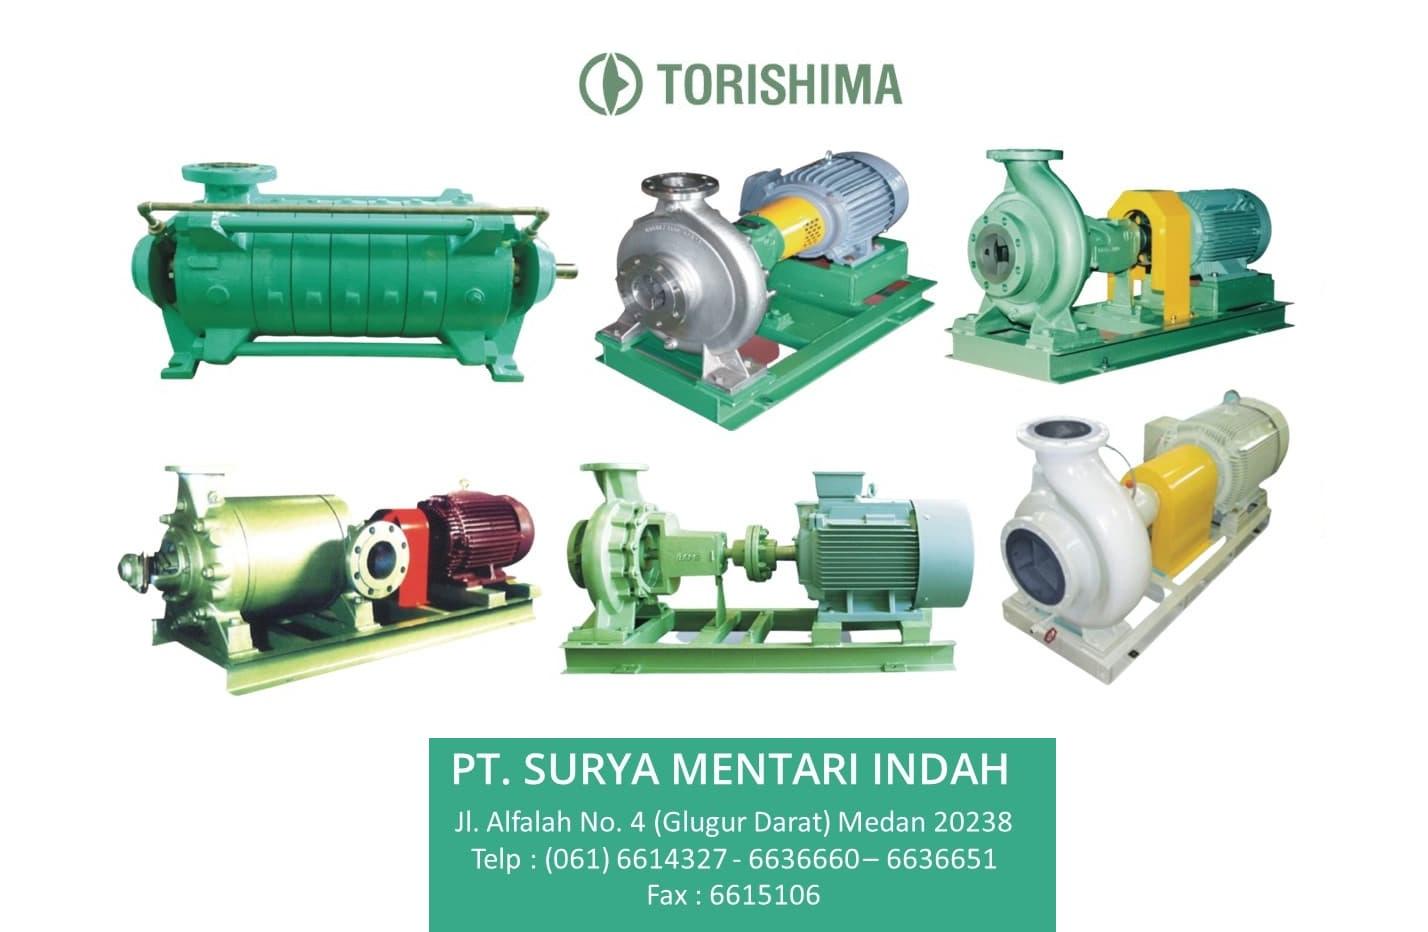 Jual Torishima Pump di Medan